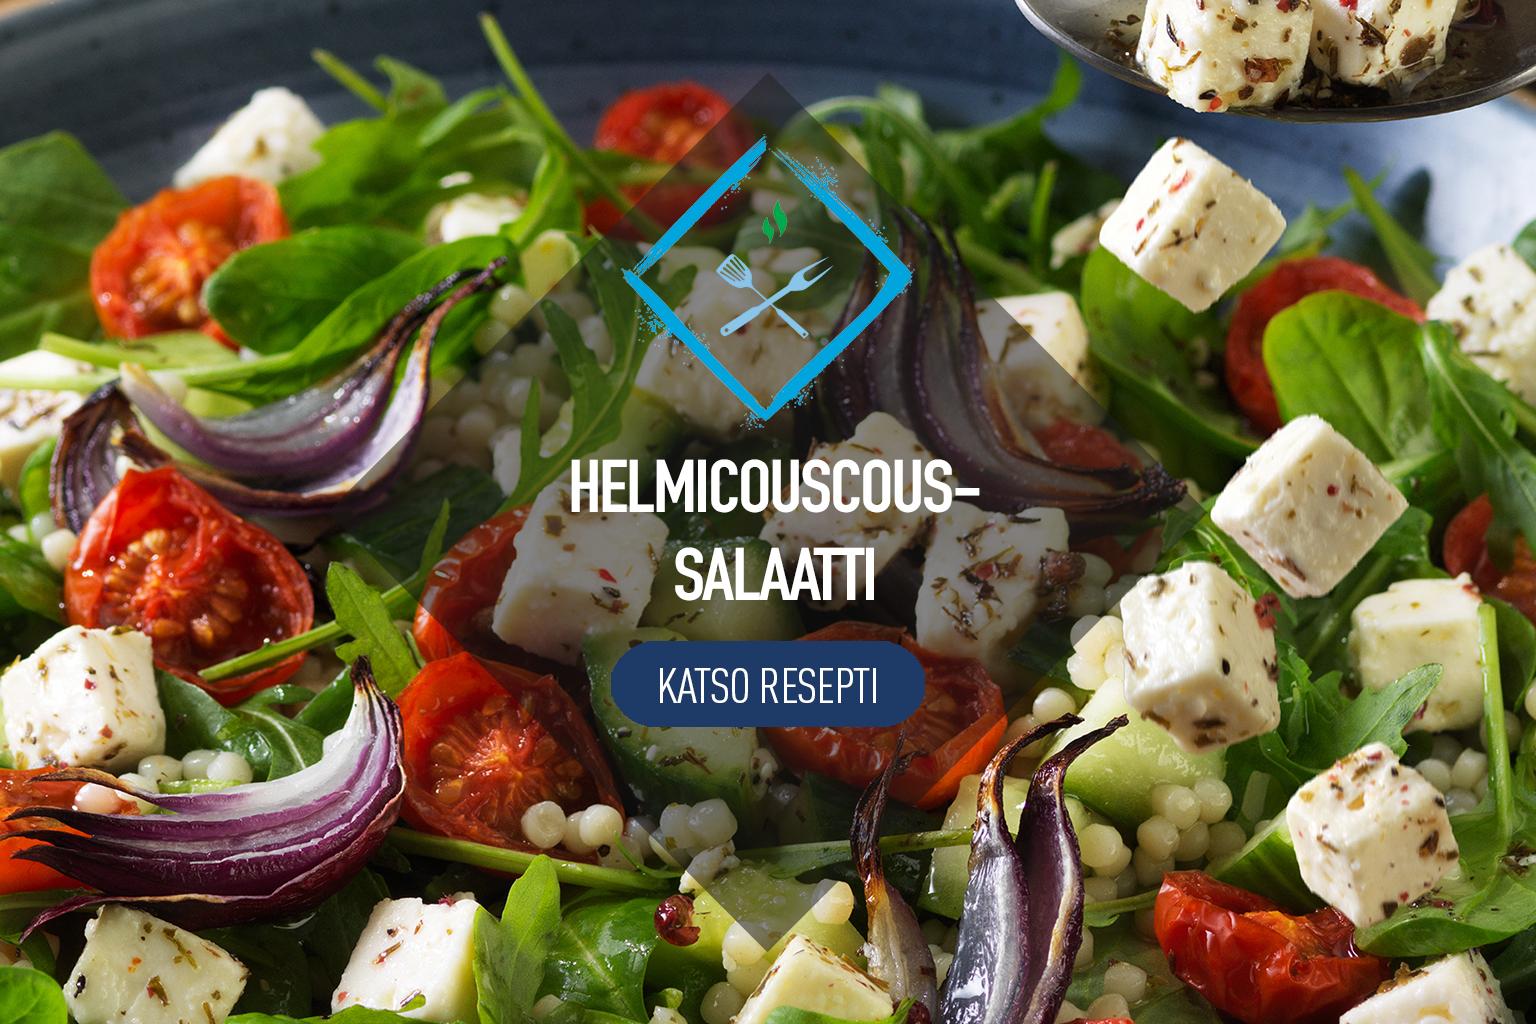 Helmicouscous-salaatti